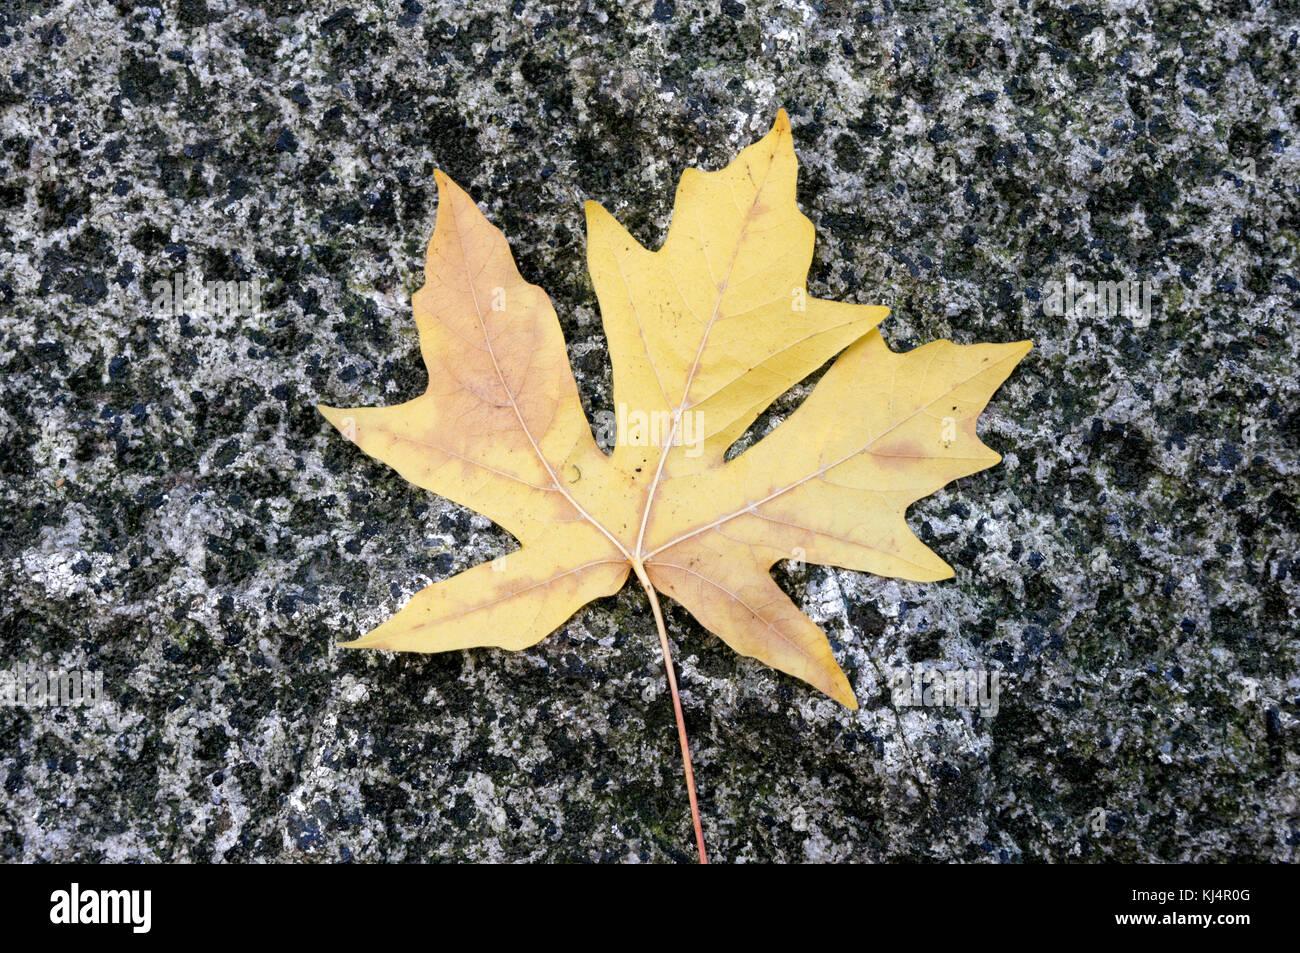 fallen-big-leaf-maple-tree-leaf-lying-on